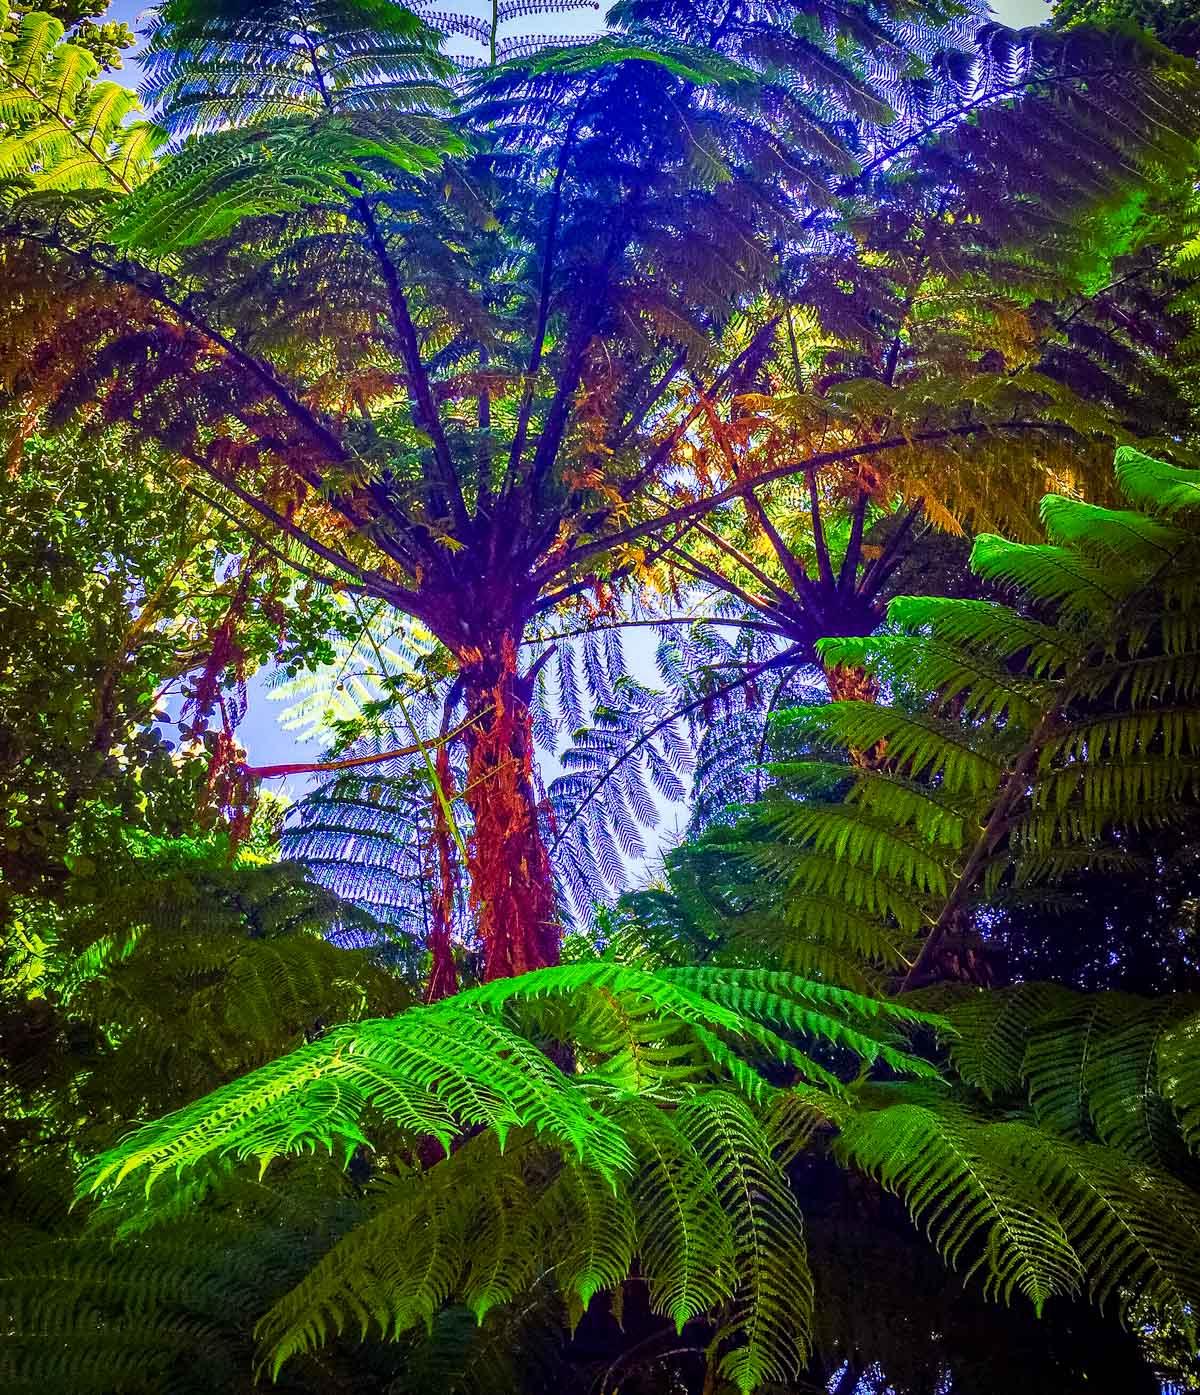 Tree-Ferns Pukaha Mount Bruce: National Wildlife Centre, New Zealand